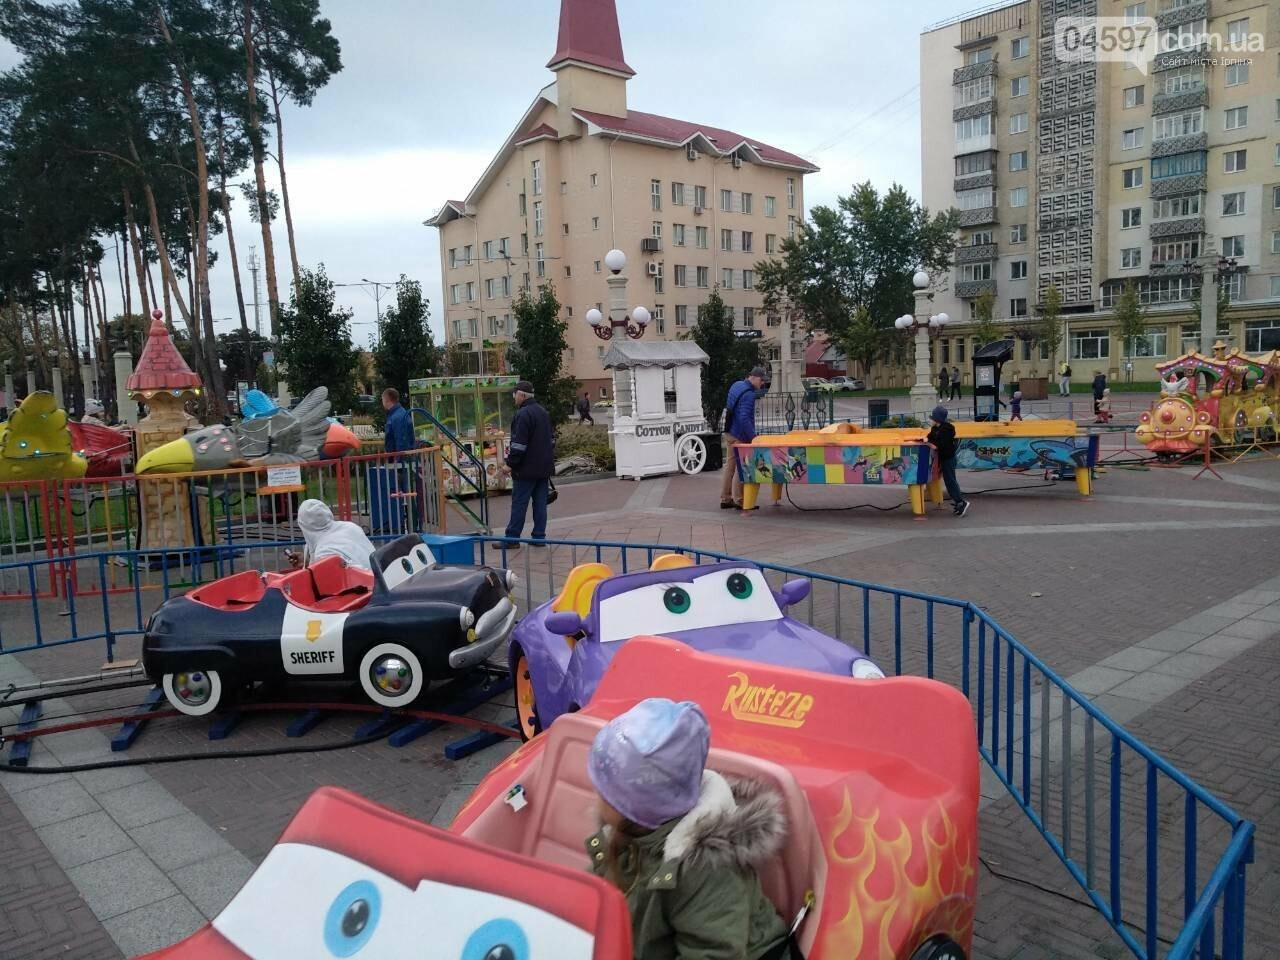 Атракціони на Центральній площі працюватимуть до вихідних, фото-5